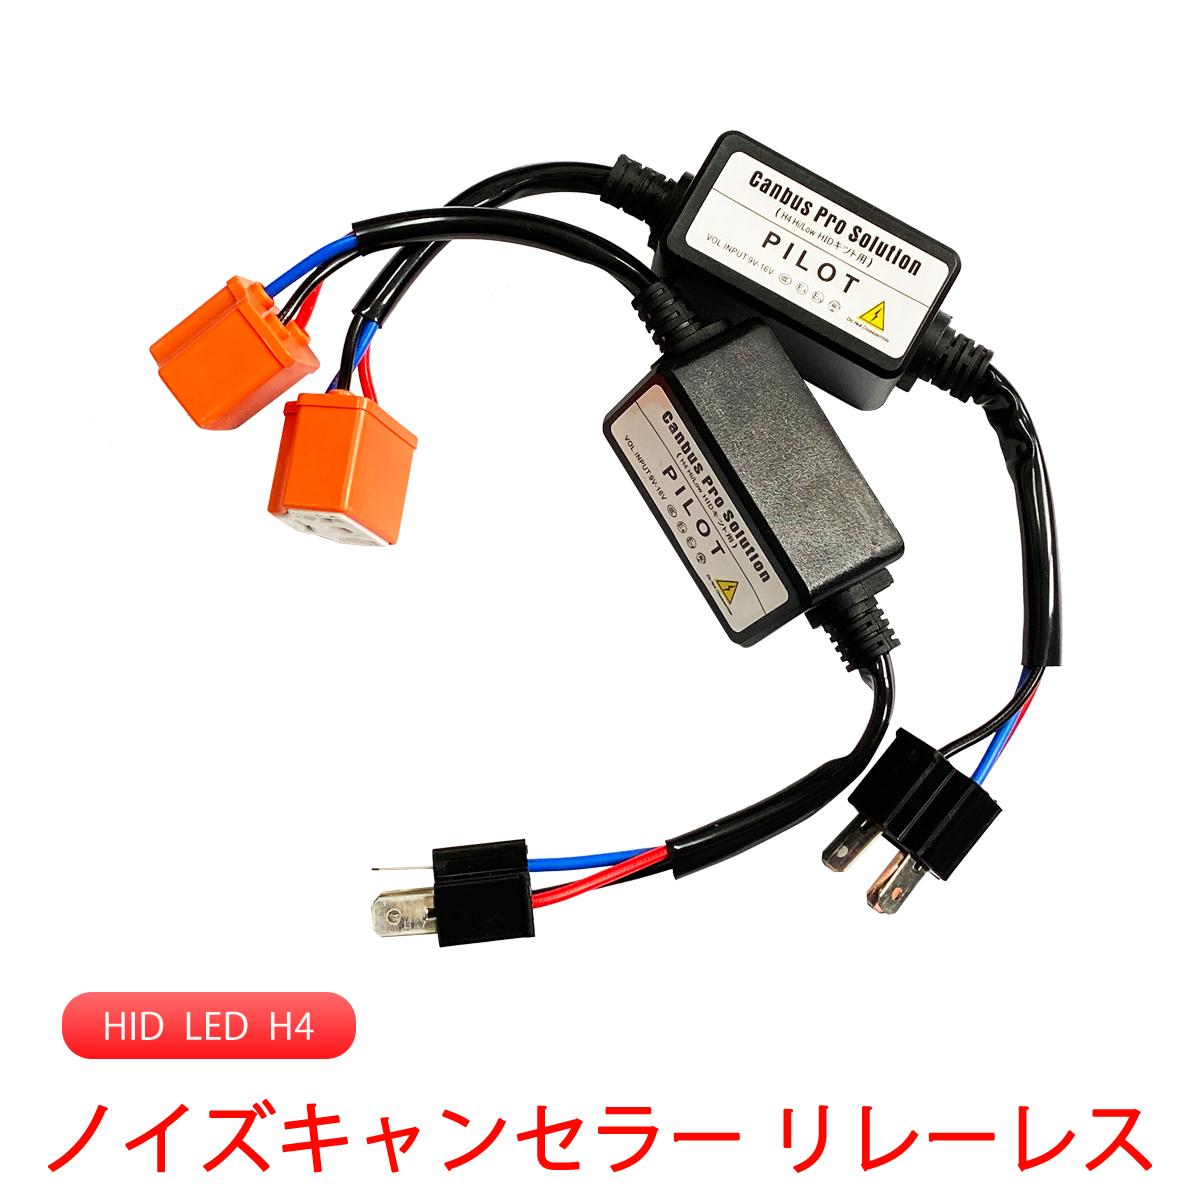 HID LED H4 ノイズキャンセラー リレーレス専用 ハイビームインジケータ不点灯防止用キット 2本セット SDM送料無料 1ヶ月保証